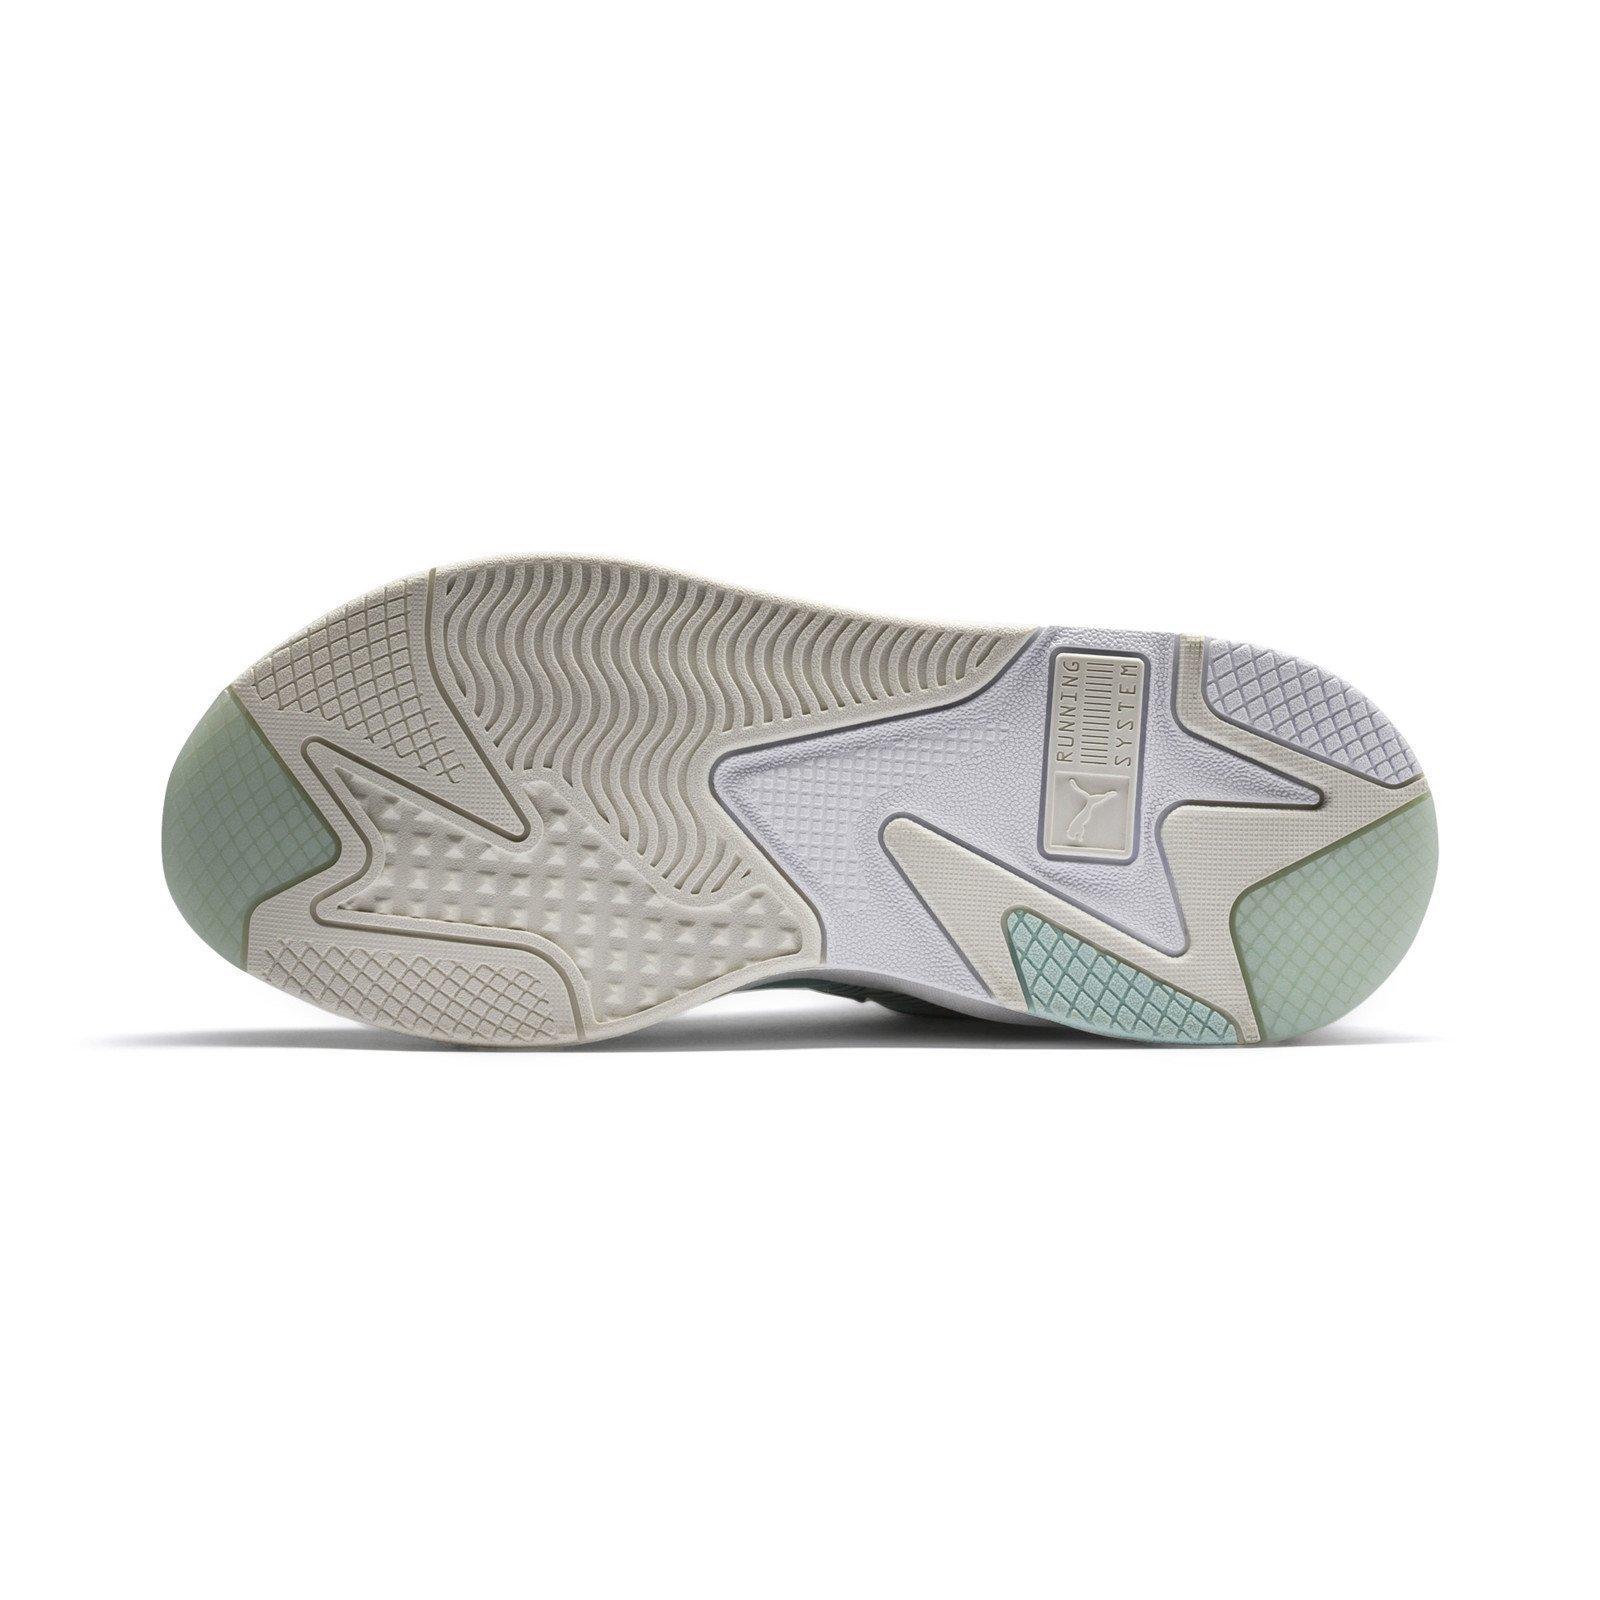 Puma RS-X Tech 'Mint' (369329-02)